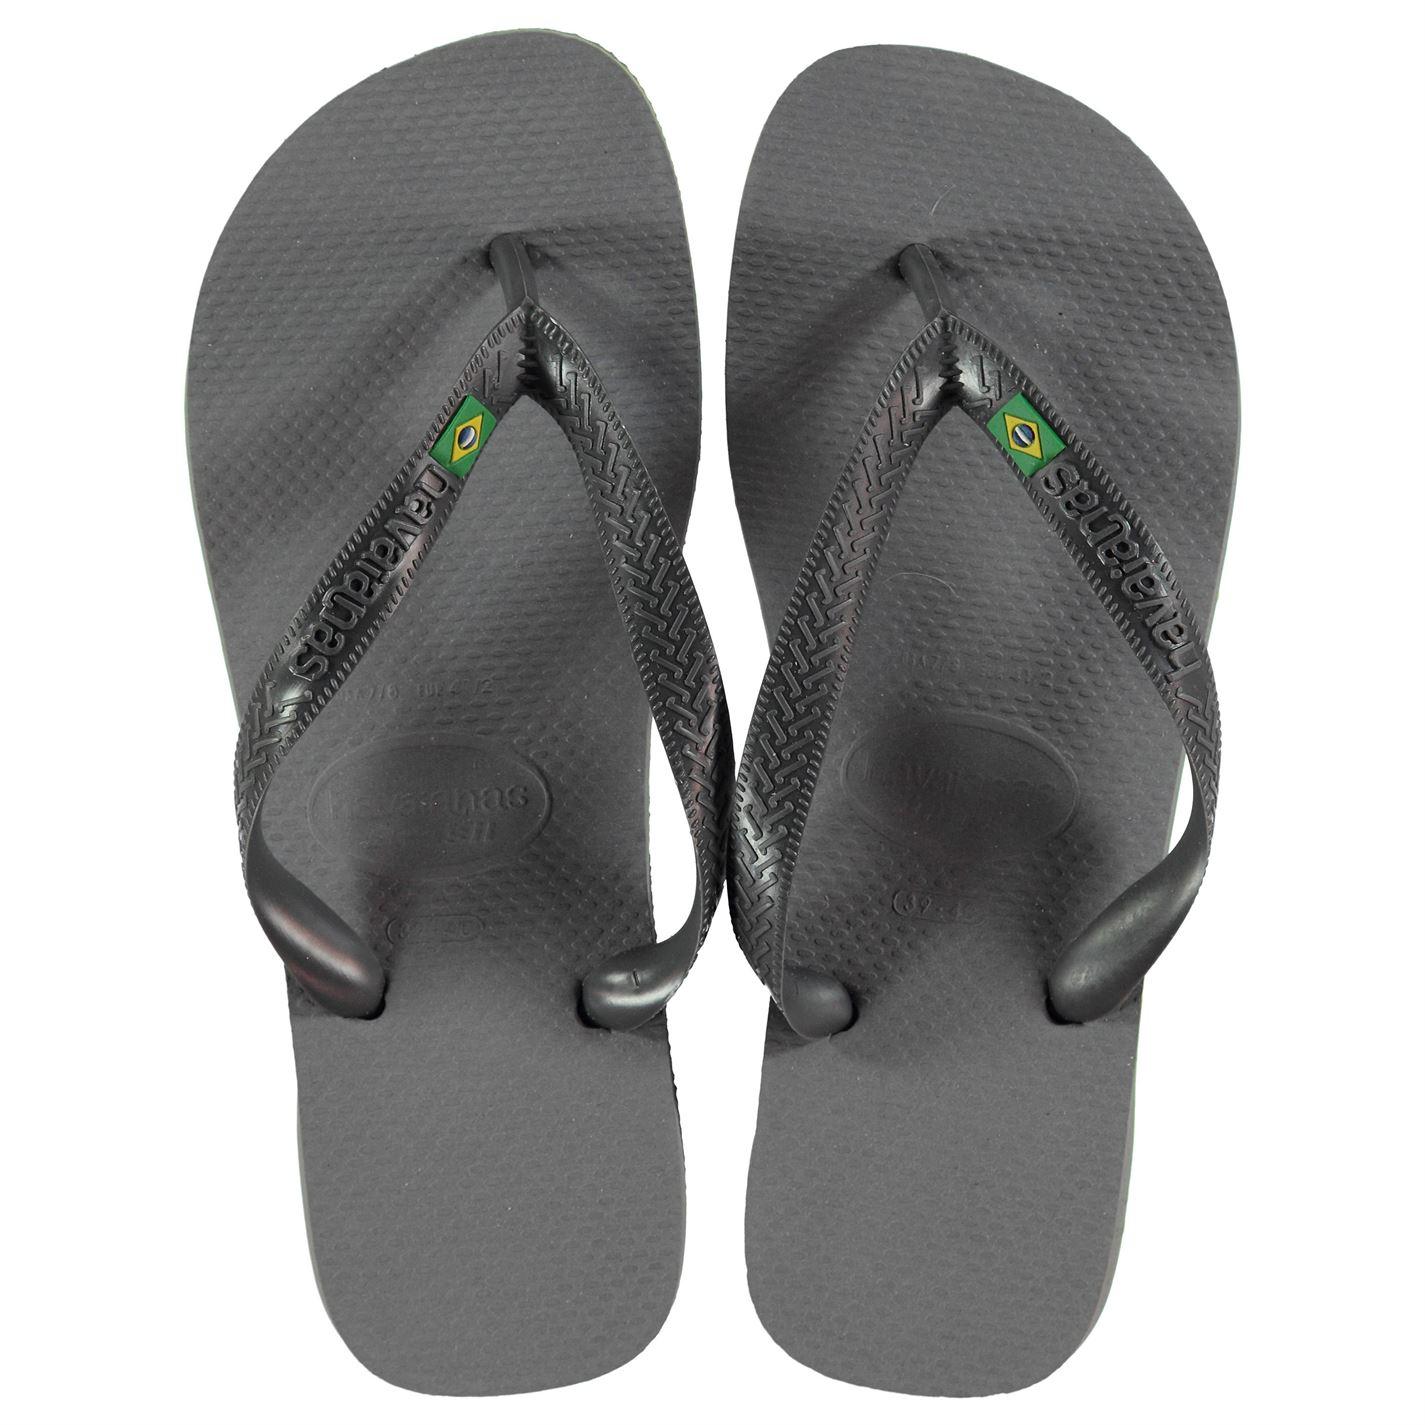 8680021cd Havaianas Mens Brasil Flip Flops Strap Toe Post Summer